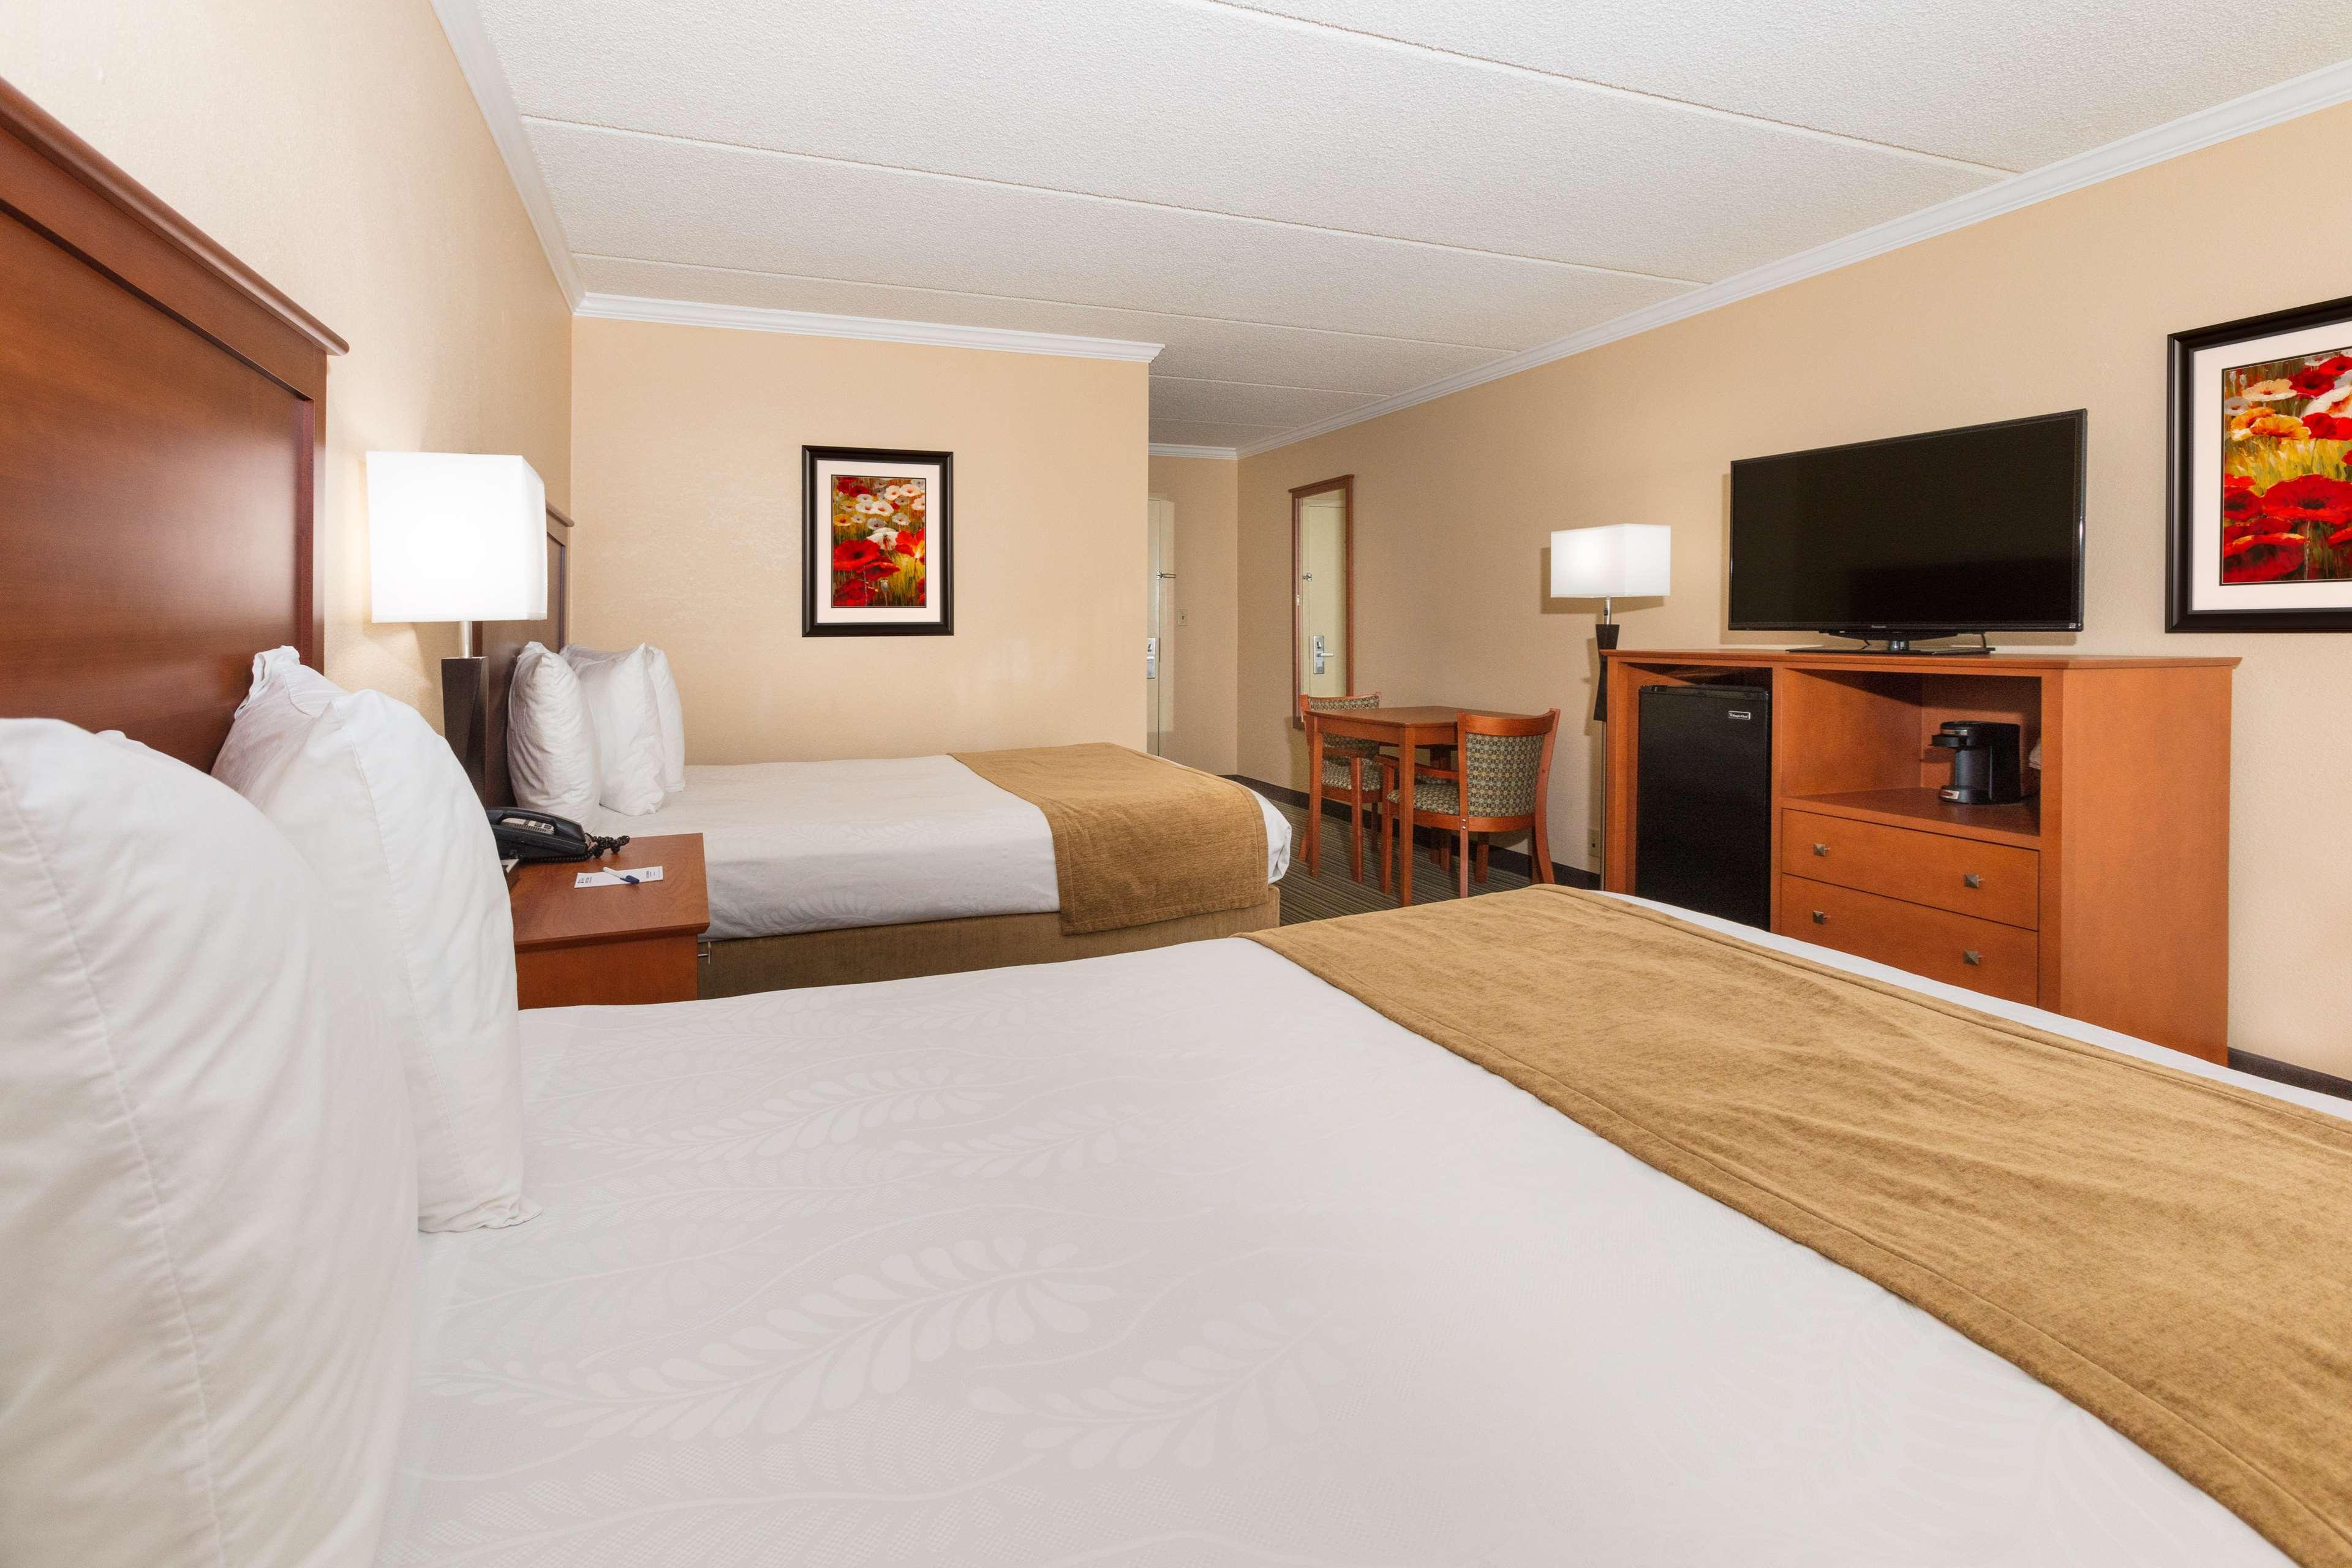 Best Western International Speedway Hotel image 25